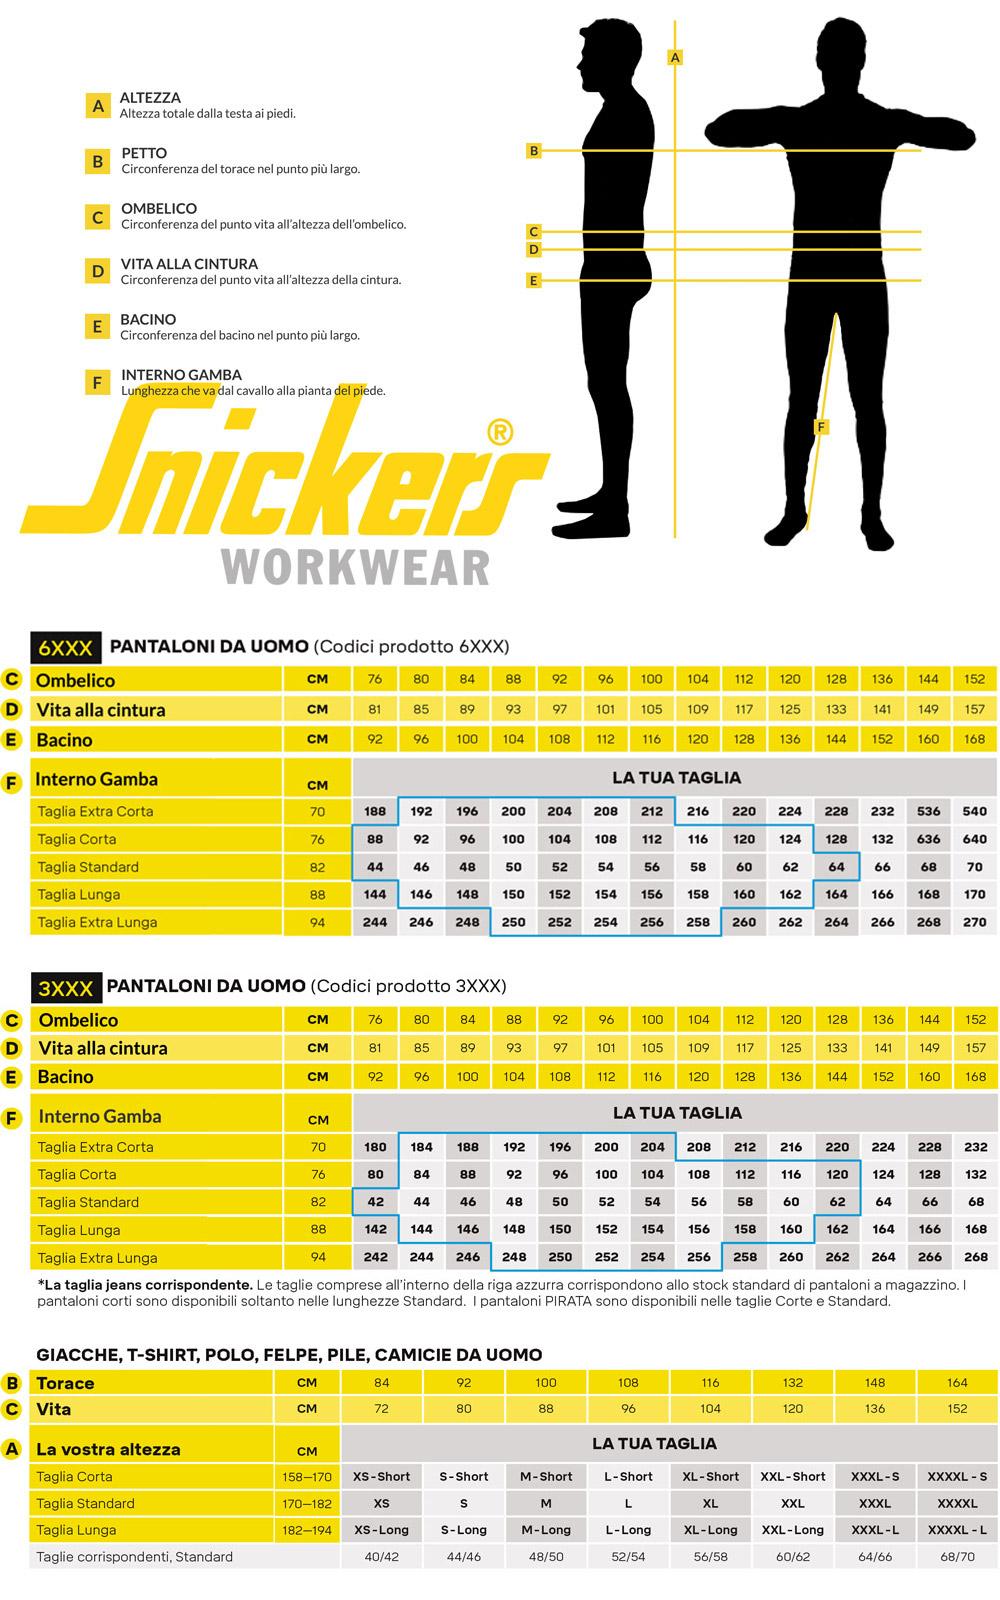 Tabella che indica le taglie dell'abbigliamento Snickers Workwear